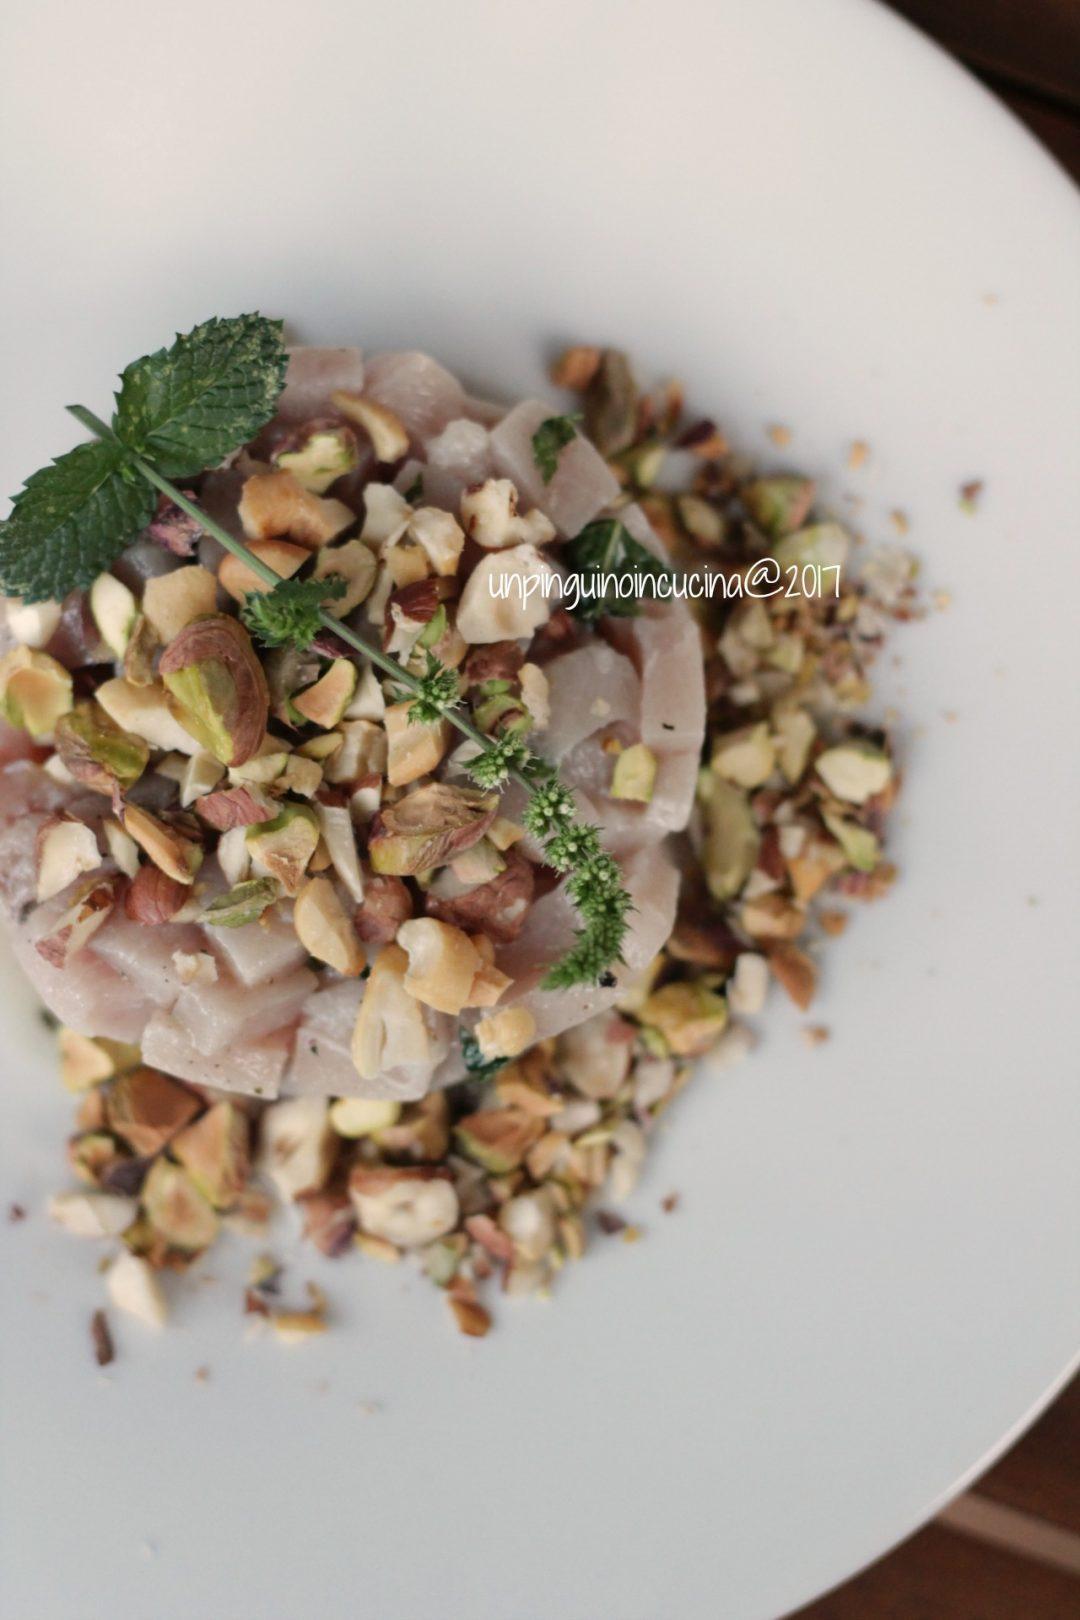 tartare-di-spada-con-nocciole-mandorle-pistacchi-e-menta